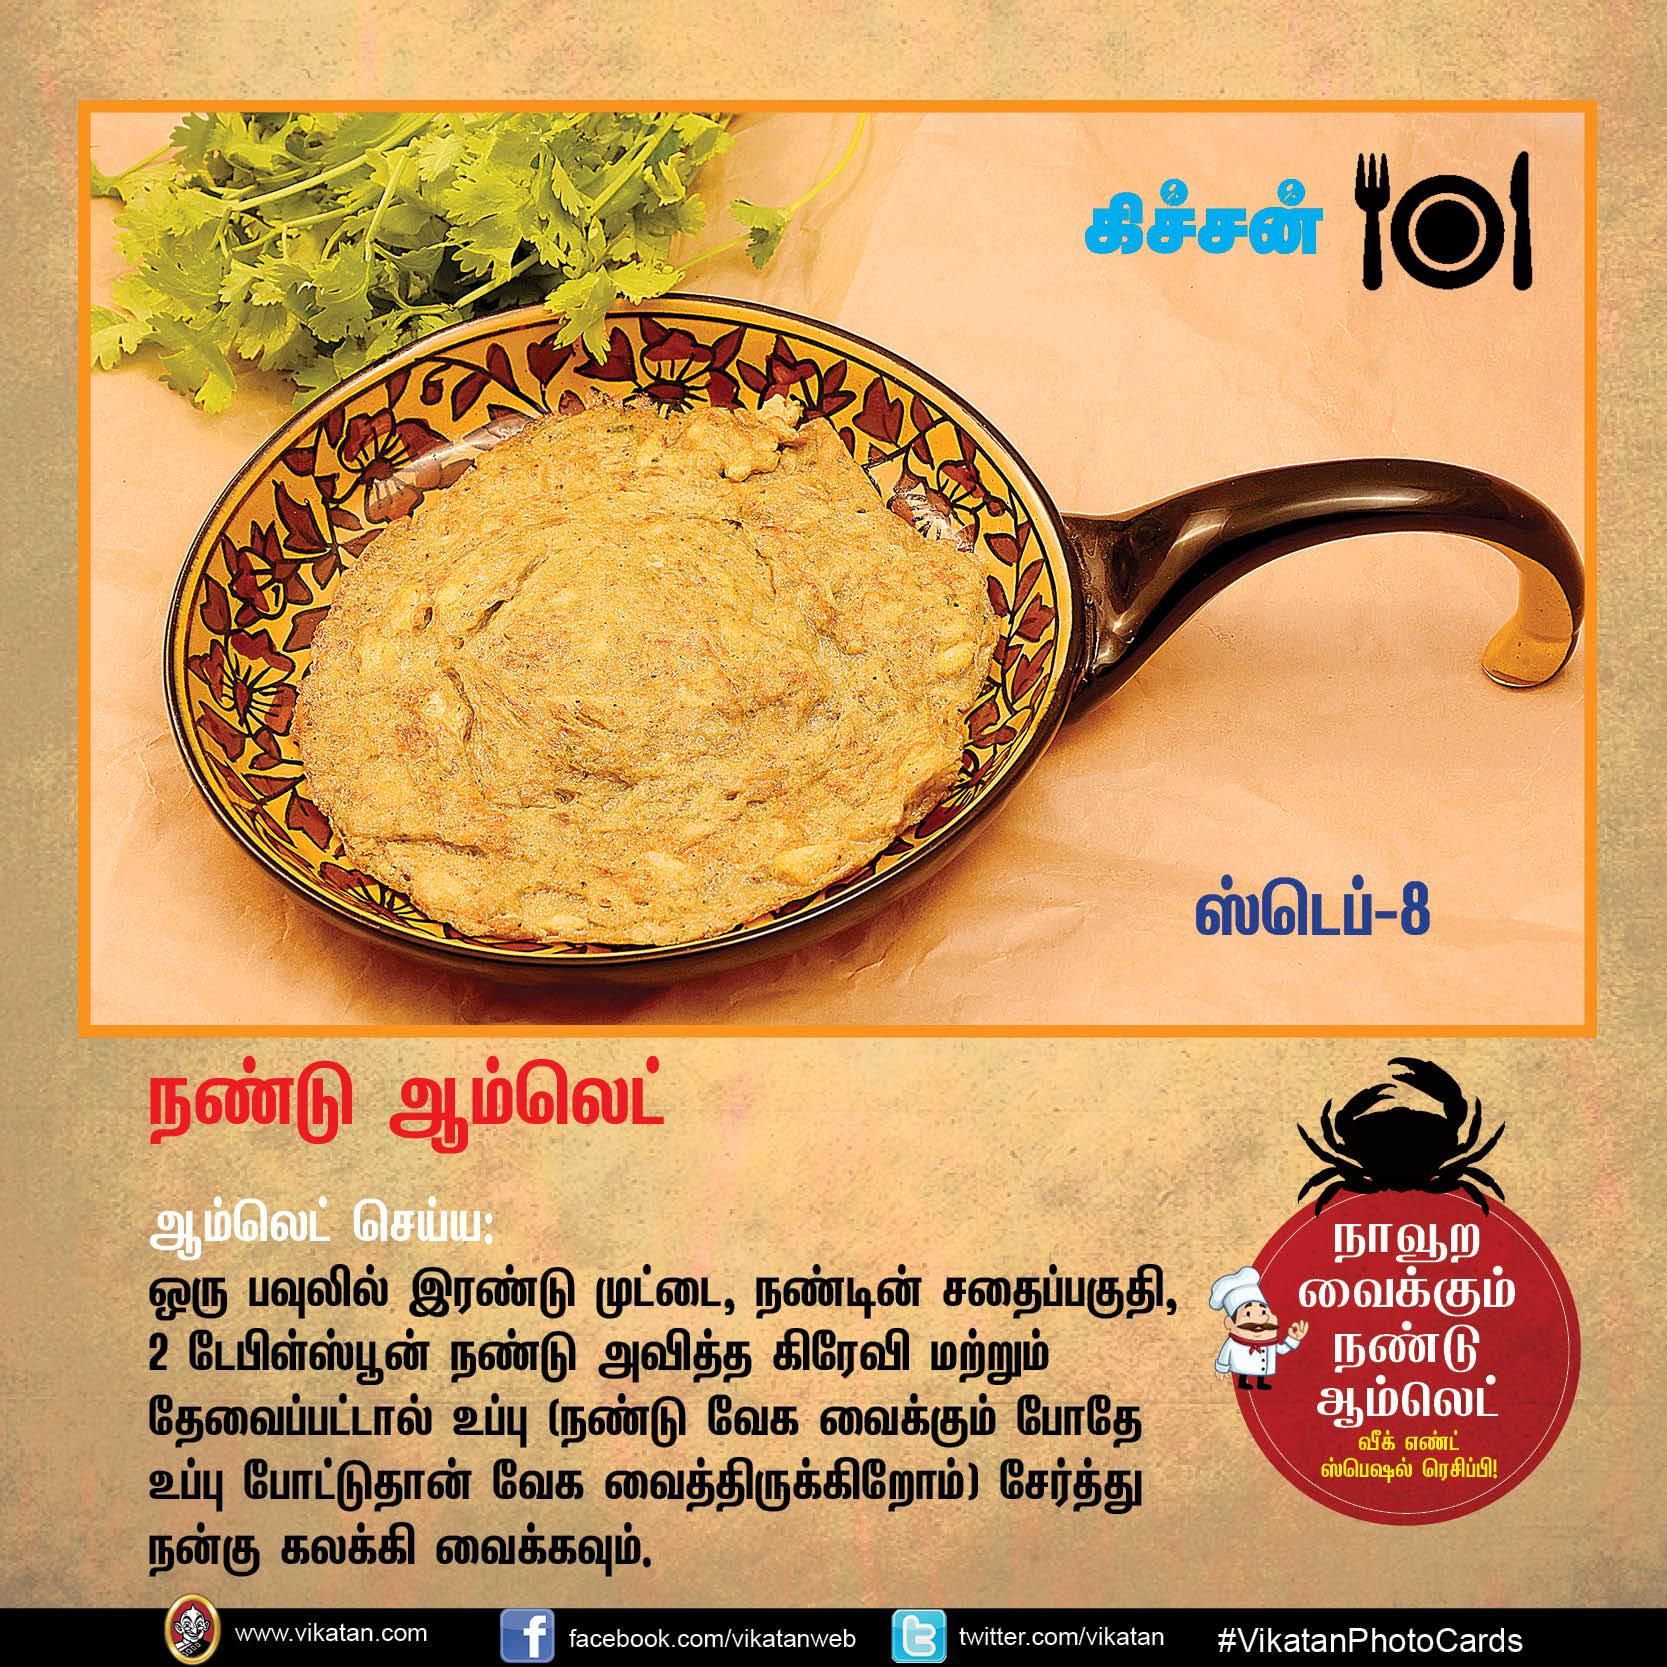 அட்றா சக்க நண்டு ஆம்லெட் .. வீக் எண்ட் ஸ்பெஷல் ரெசிப்பி..! #VikatanPhotoCards